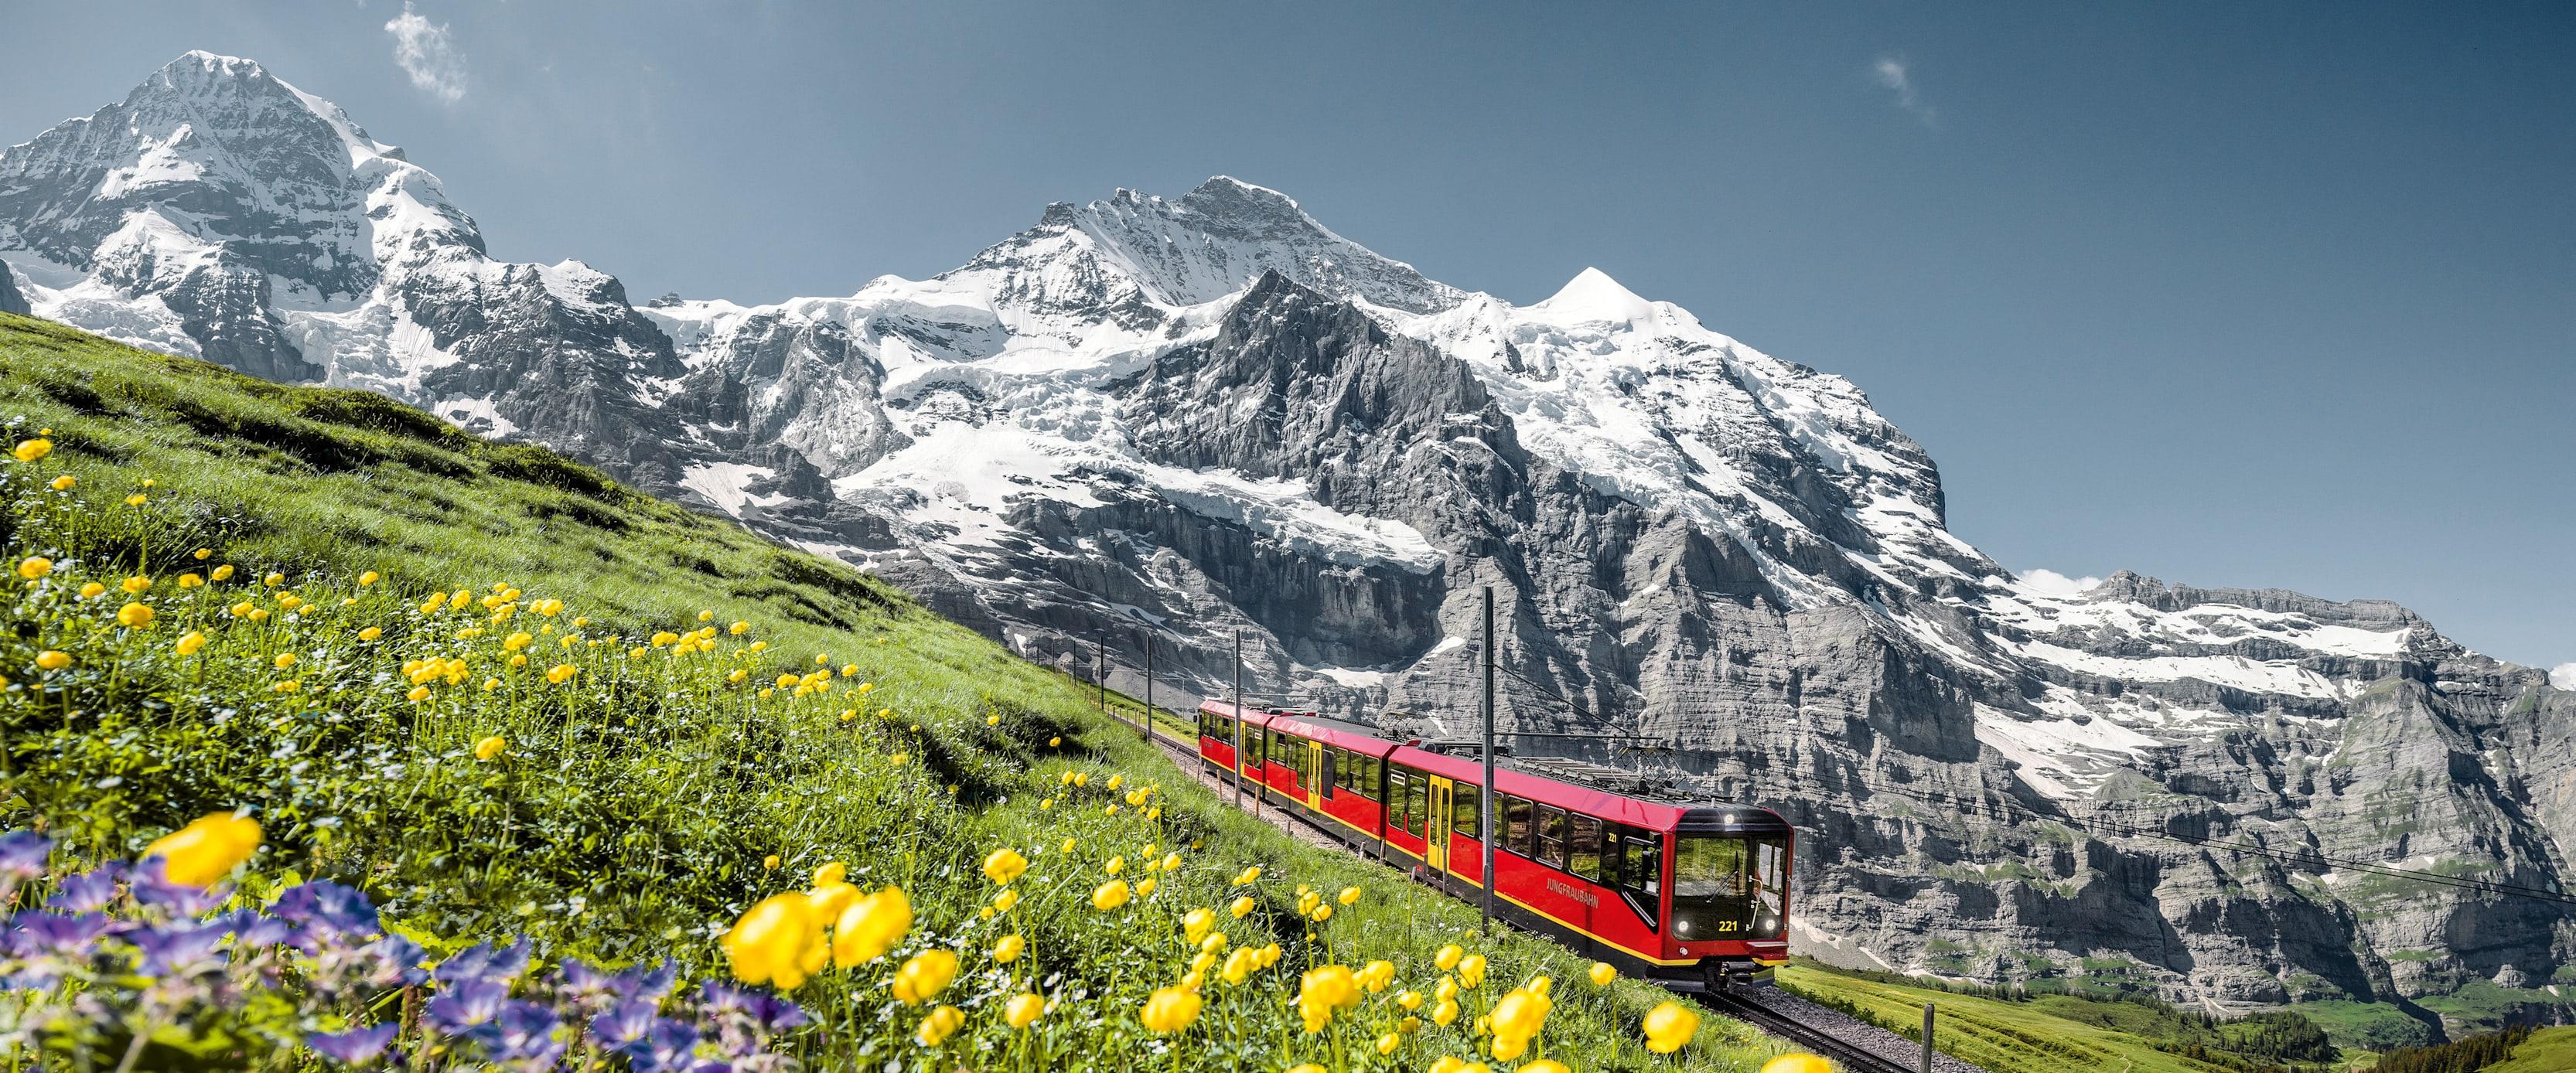 Jungfrau Railway moench jungfrau summer 03